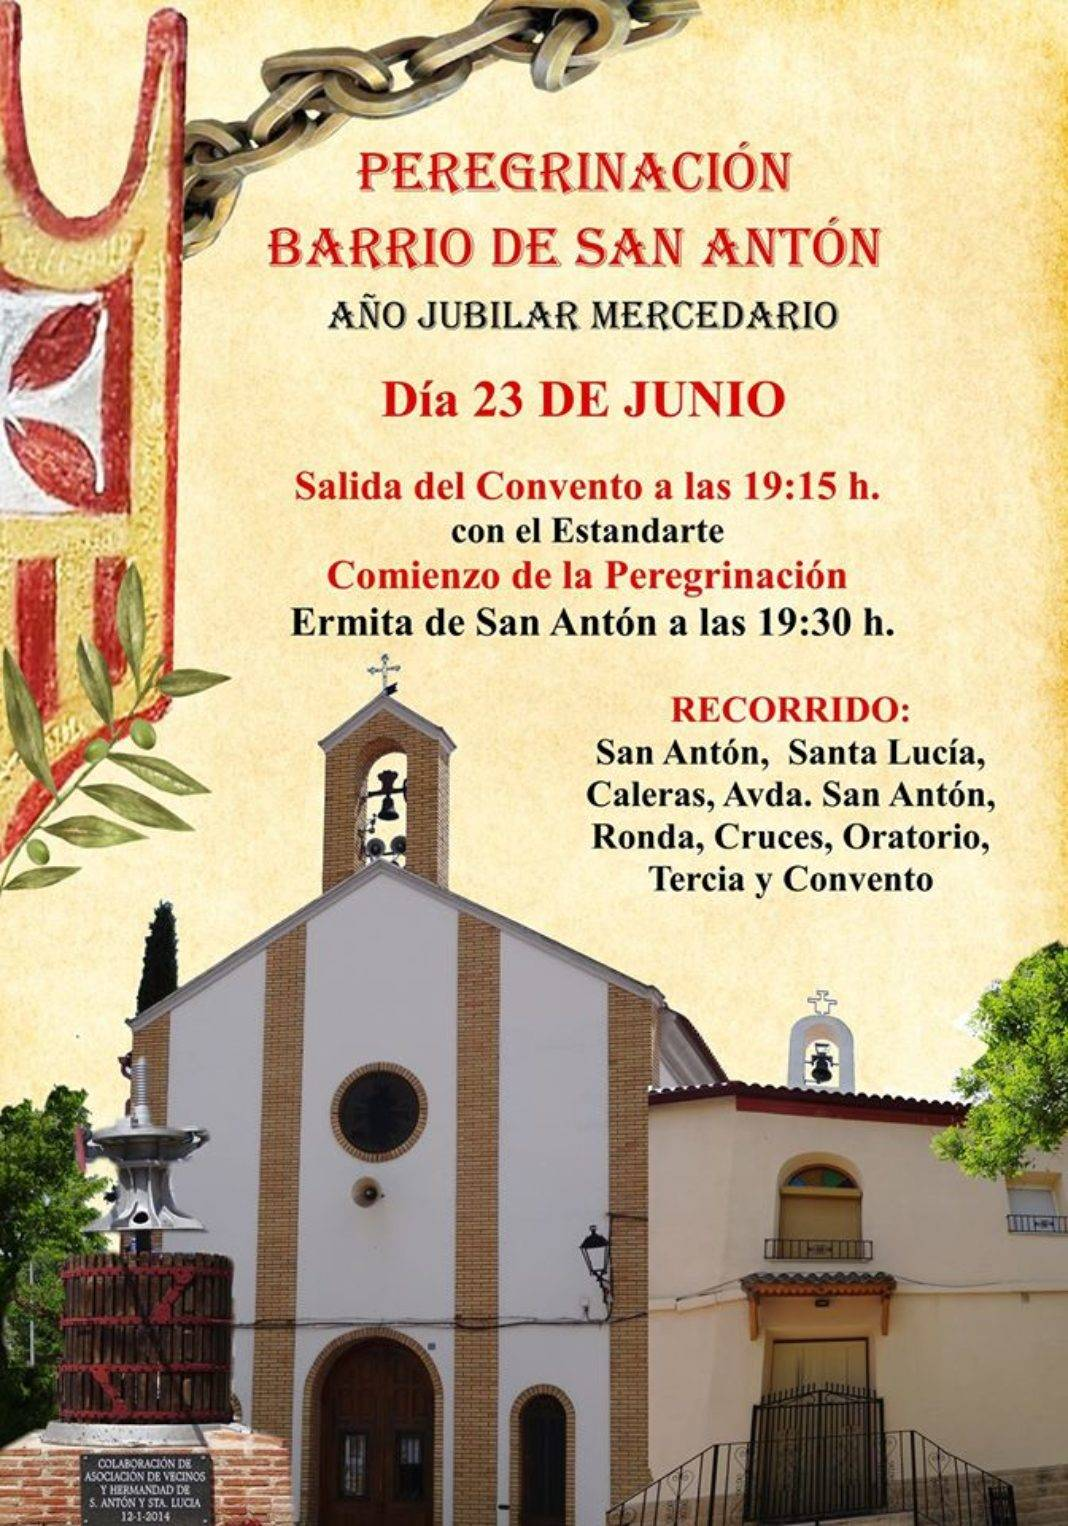 Peregrinación jubilar mercedaria del barrio de San Antón 4